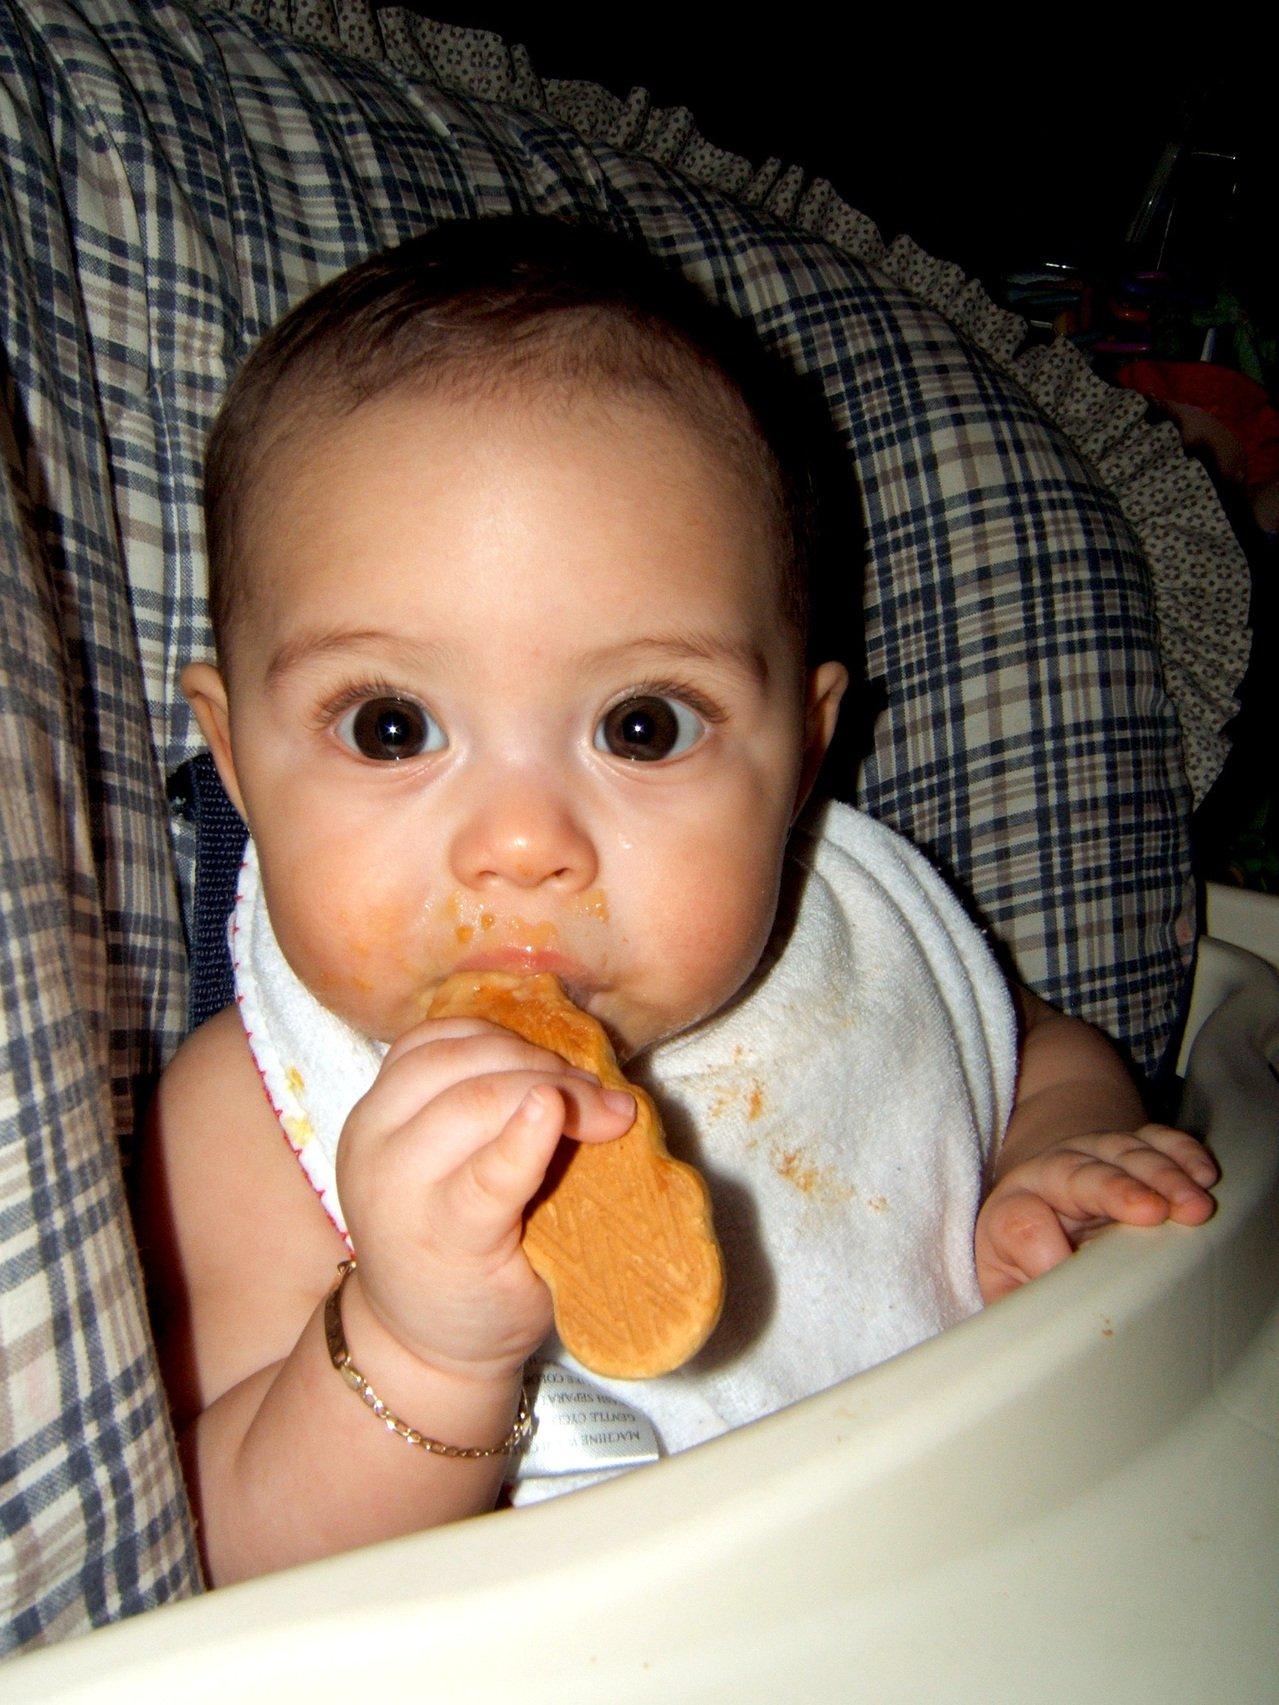 Gluténérzékenység tünetei babáknál Kiemelt témák